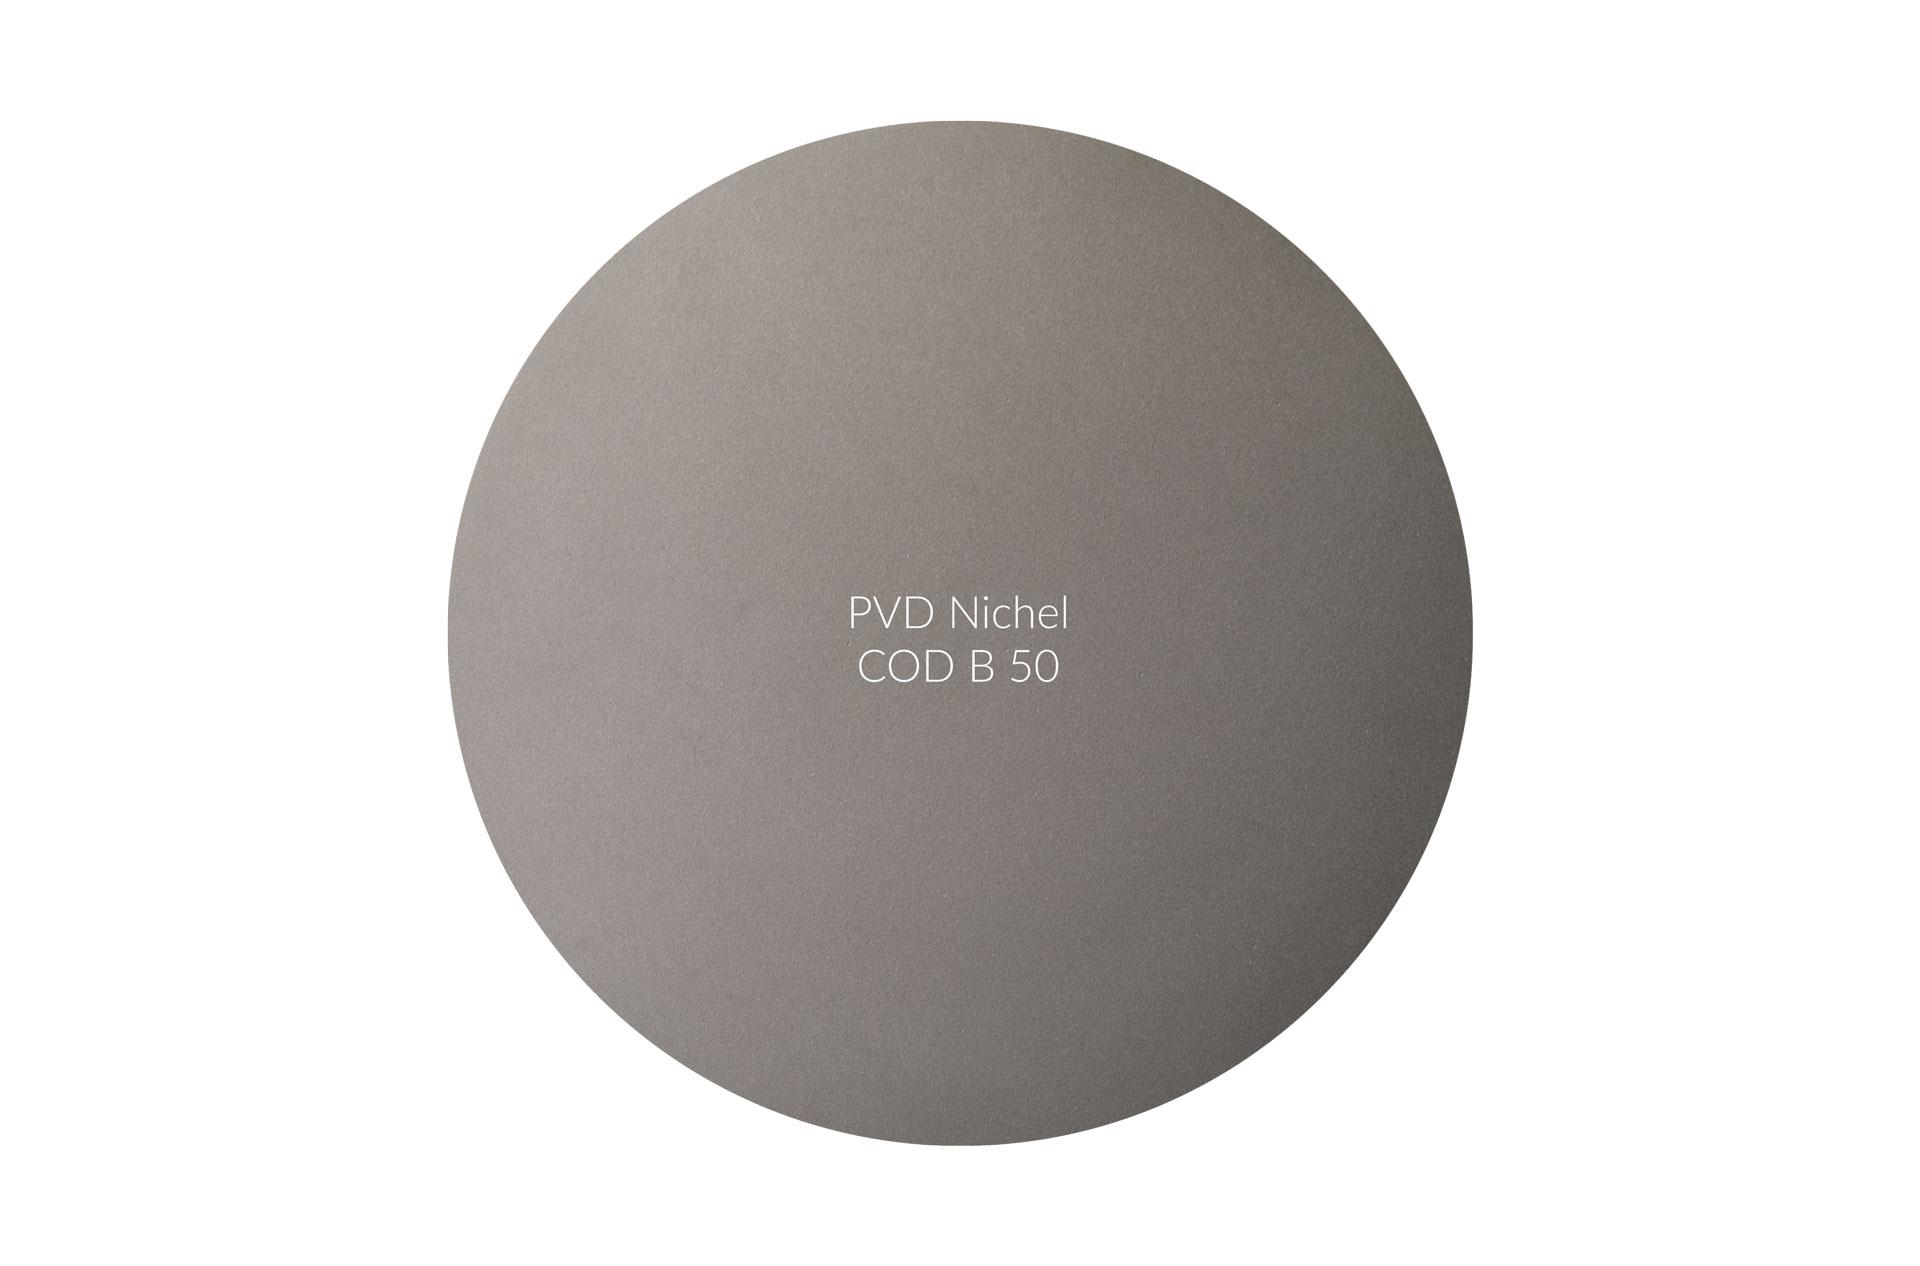 Dischetto PVD nichel cod B 50 opaco